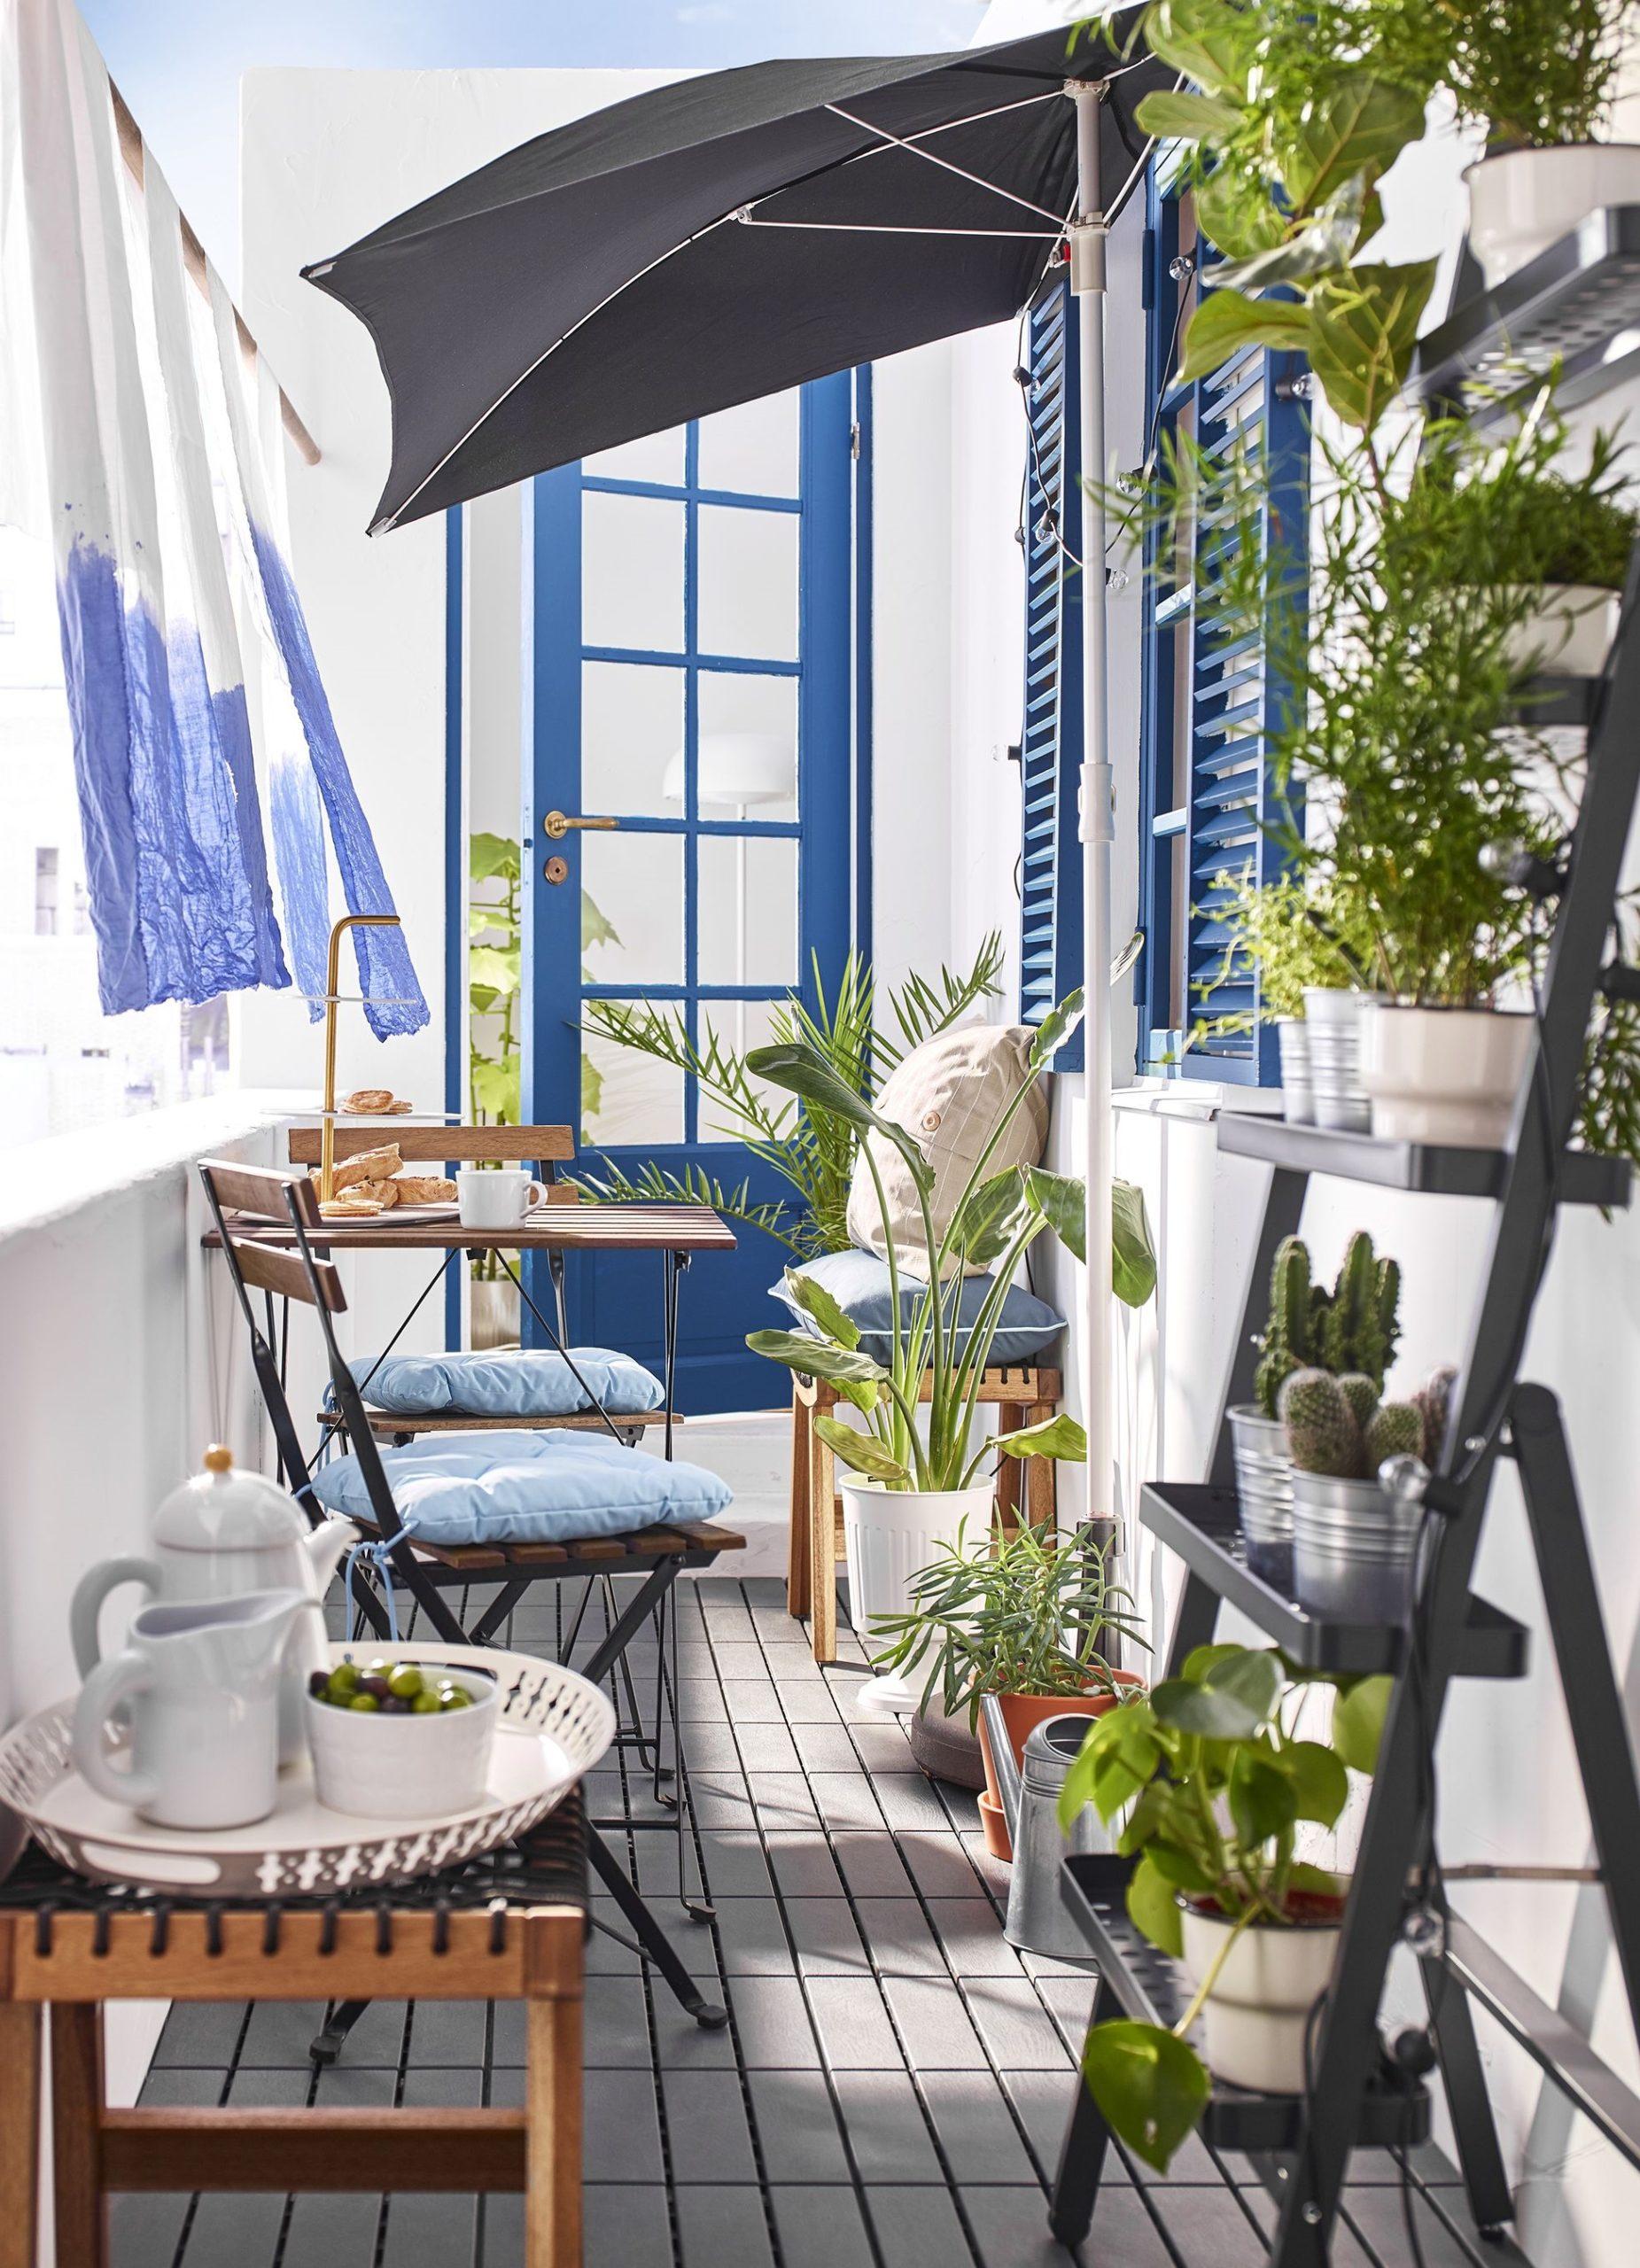 Les rideaux vous protégeront du soleil et des curieux voisins.